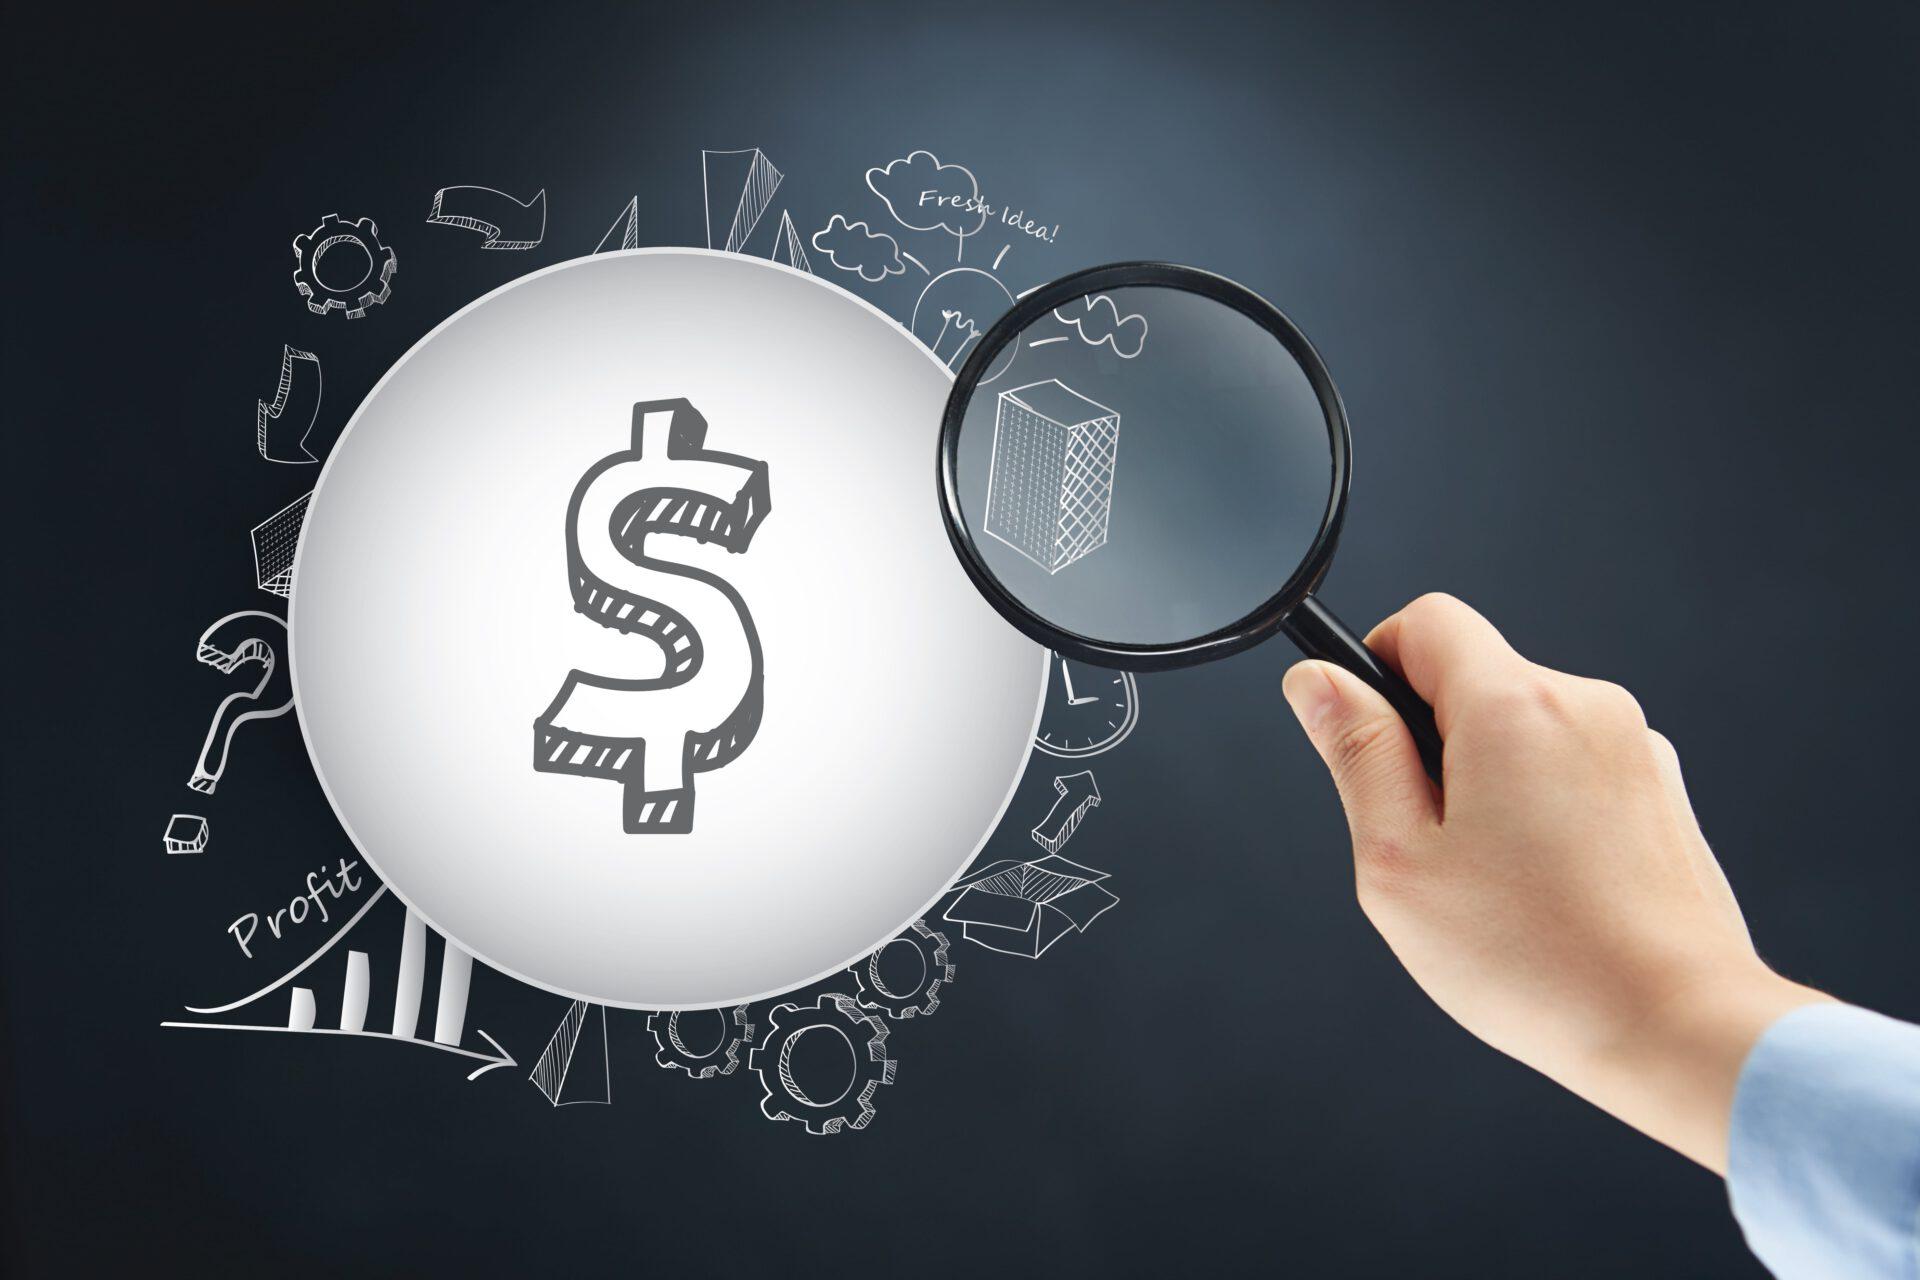 קורס מכירות – ללמוד את רזי המקצוע!